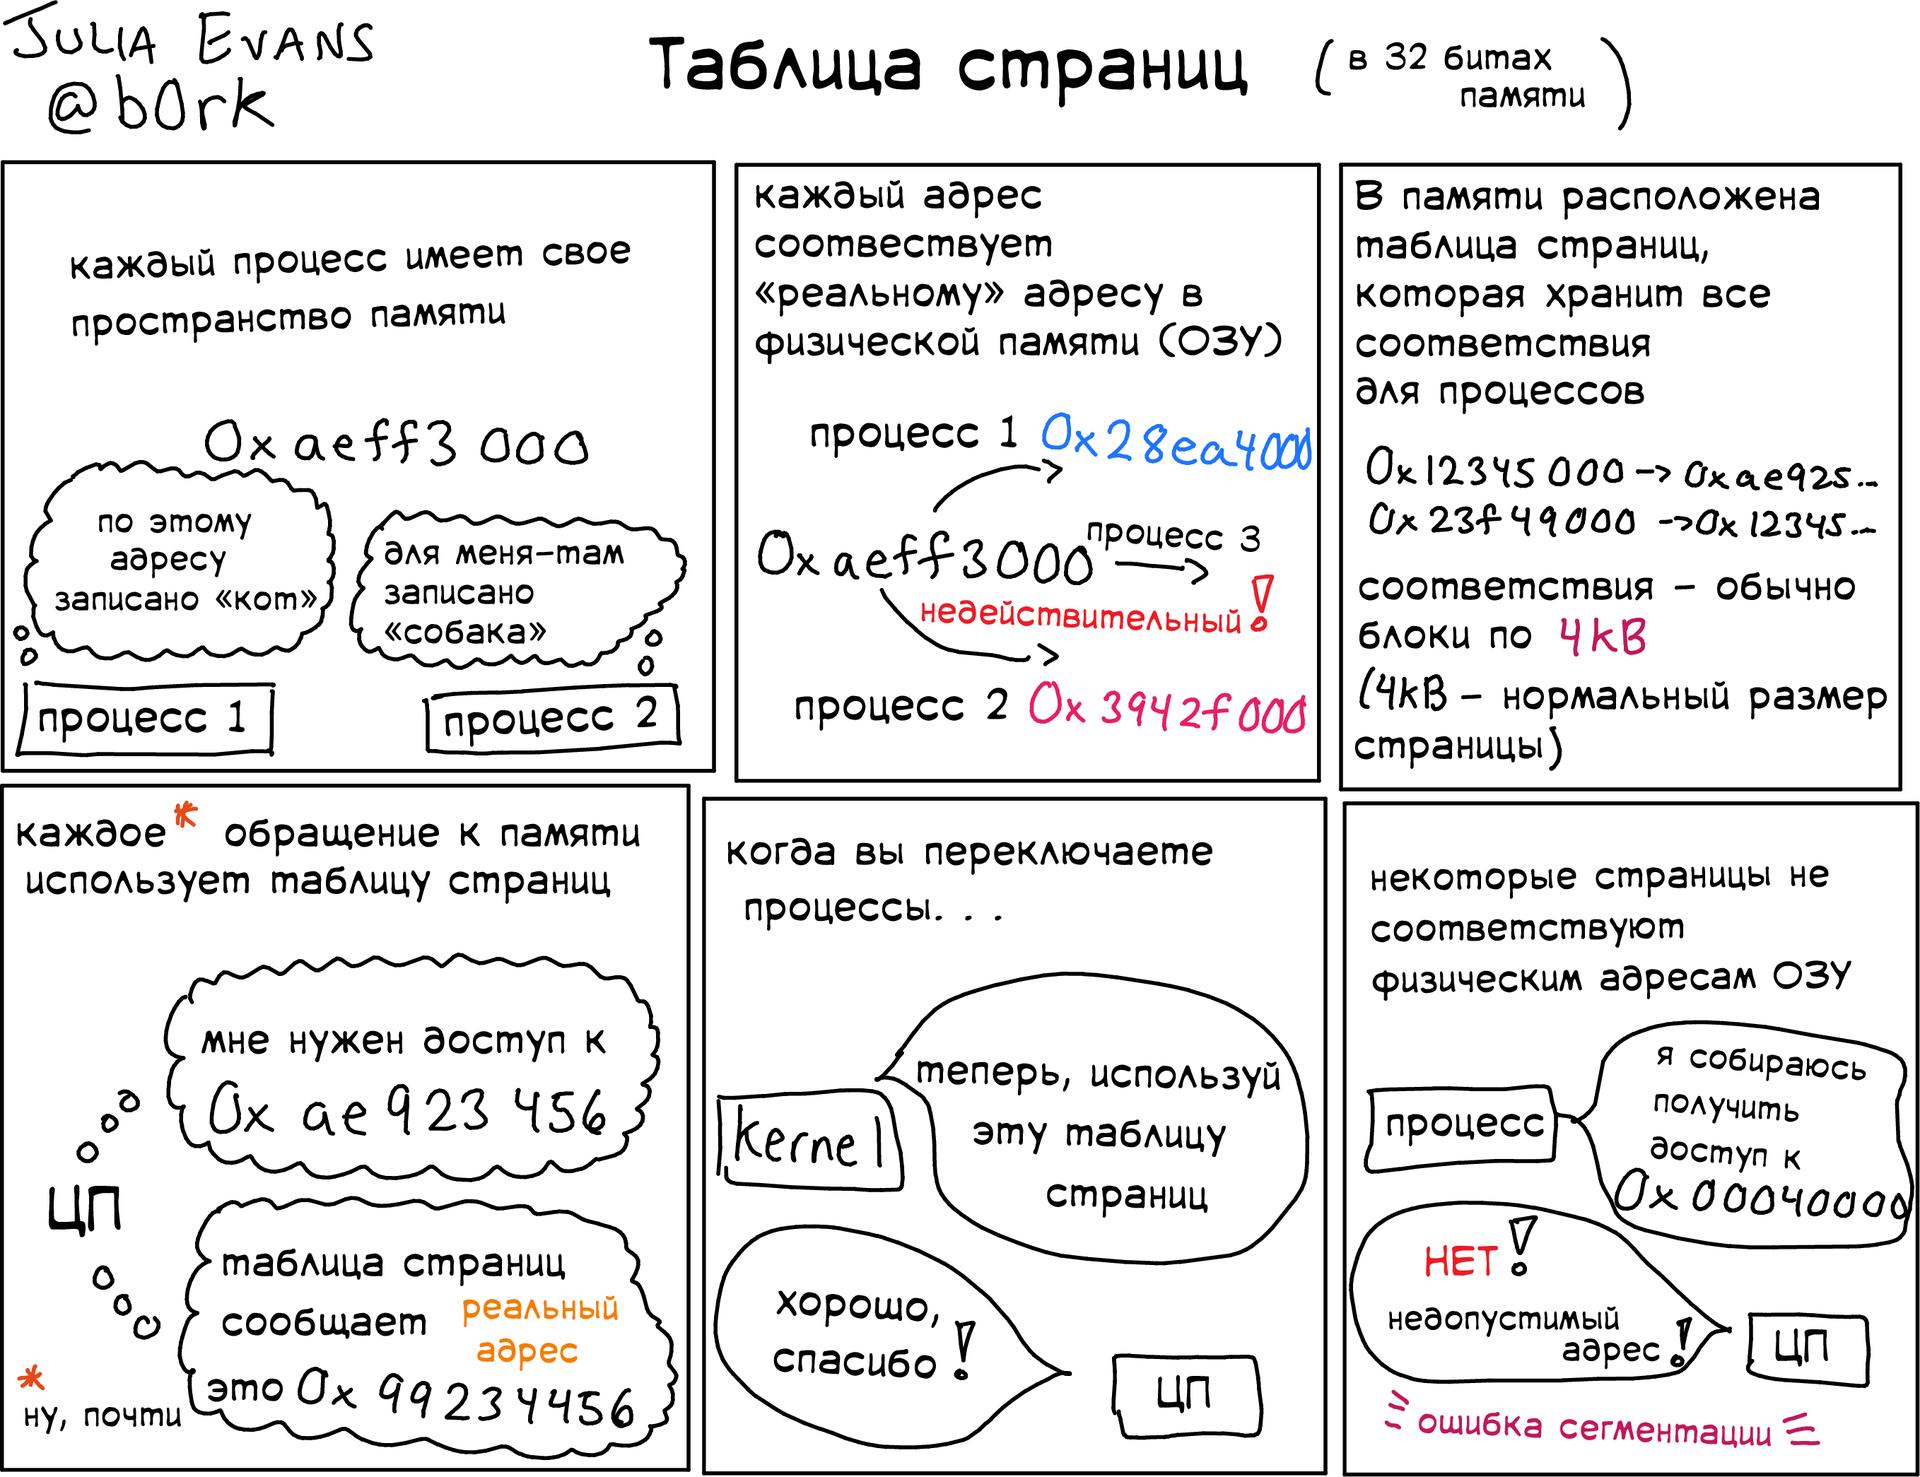 Подборка полезных слайдов от Джулии Эванс - 10